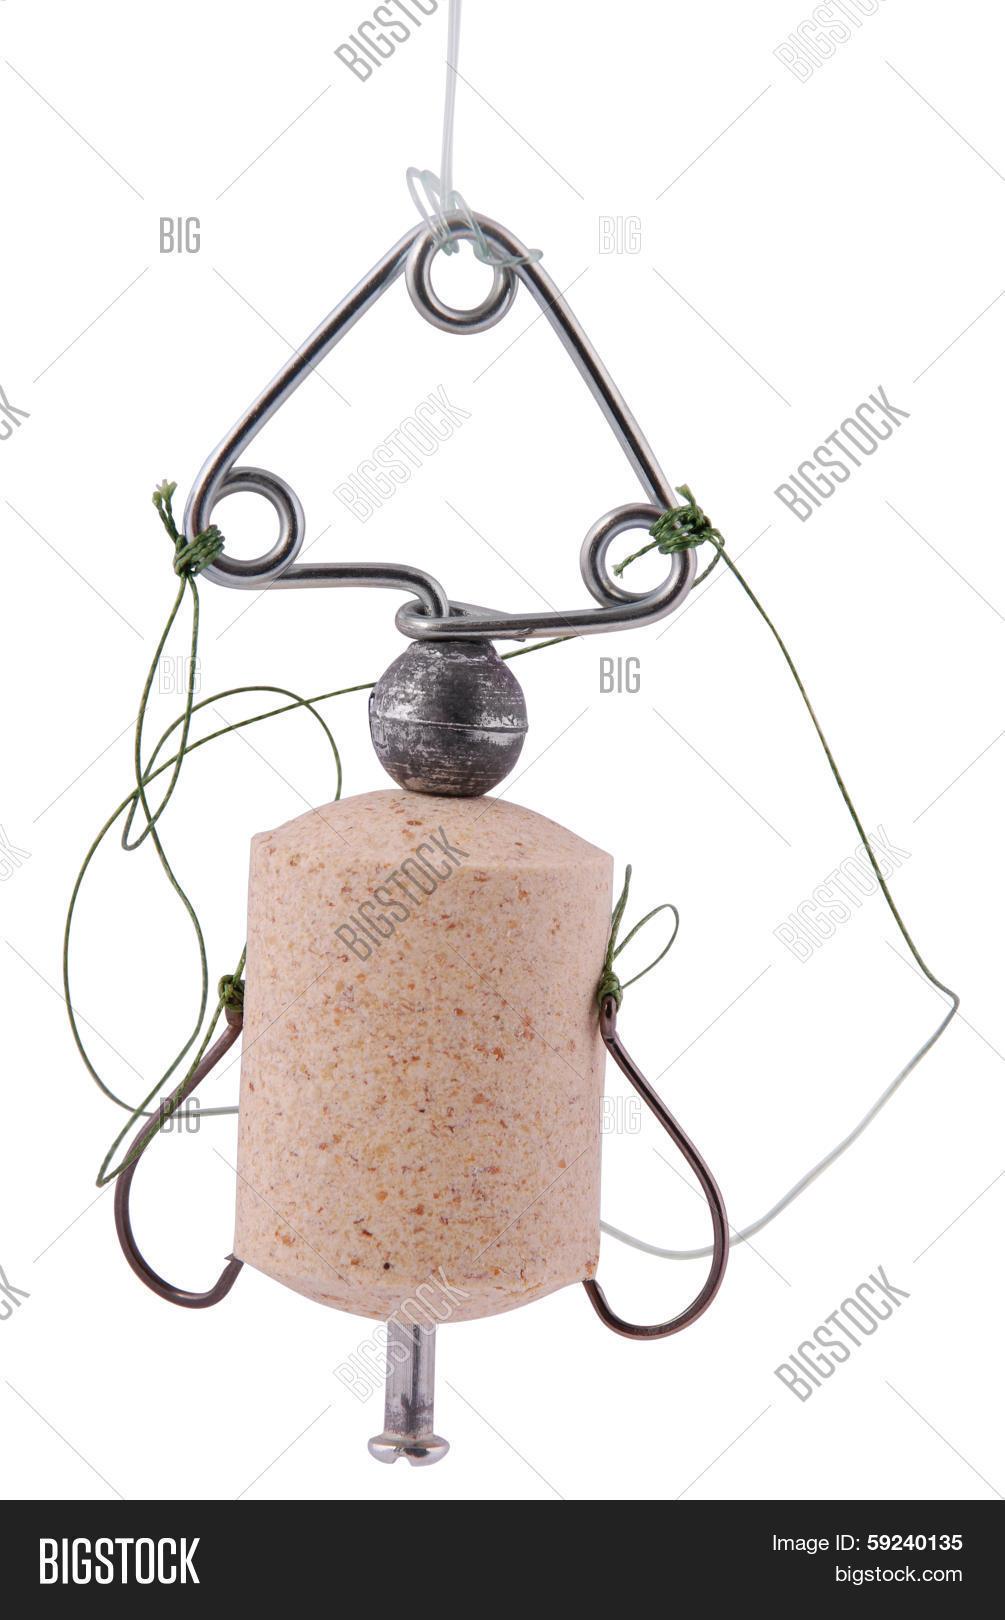 Изготовление технопланктона в домашних условиях рецепты 37